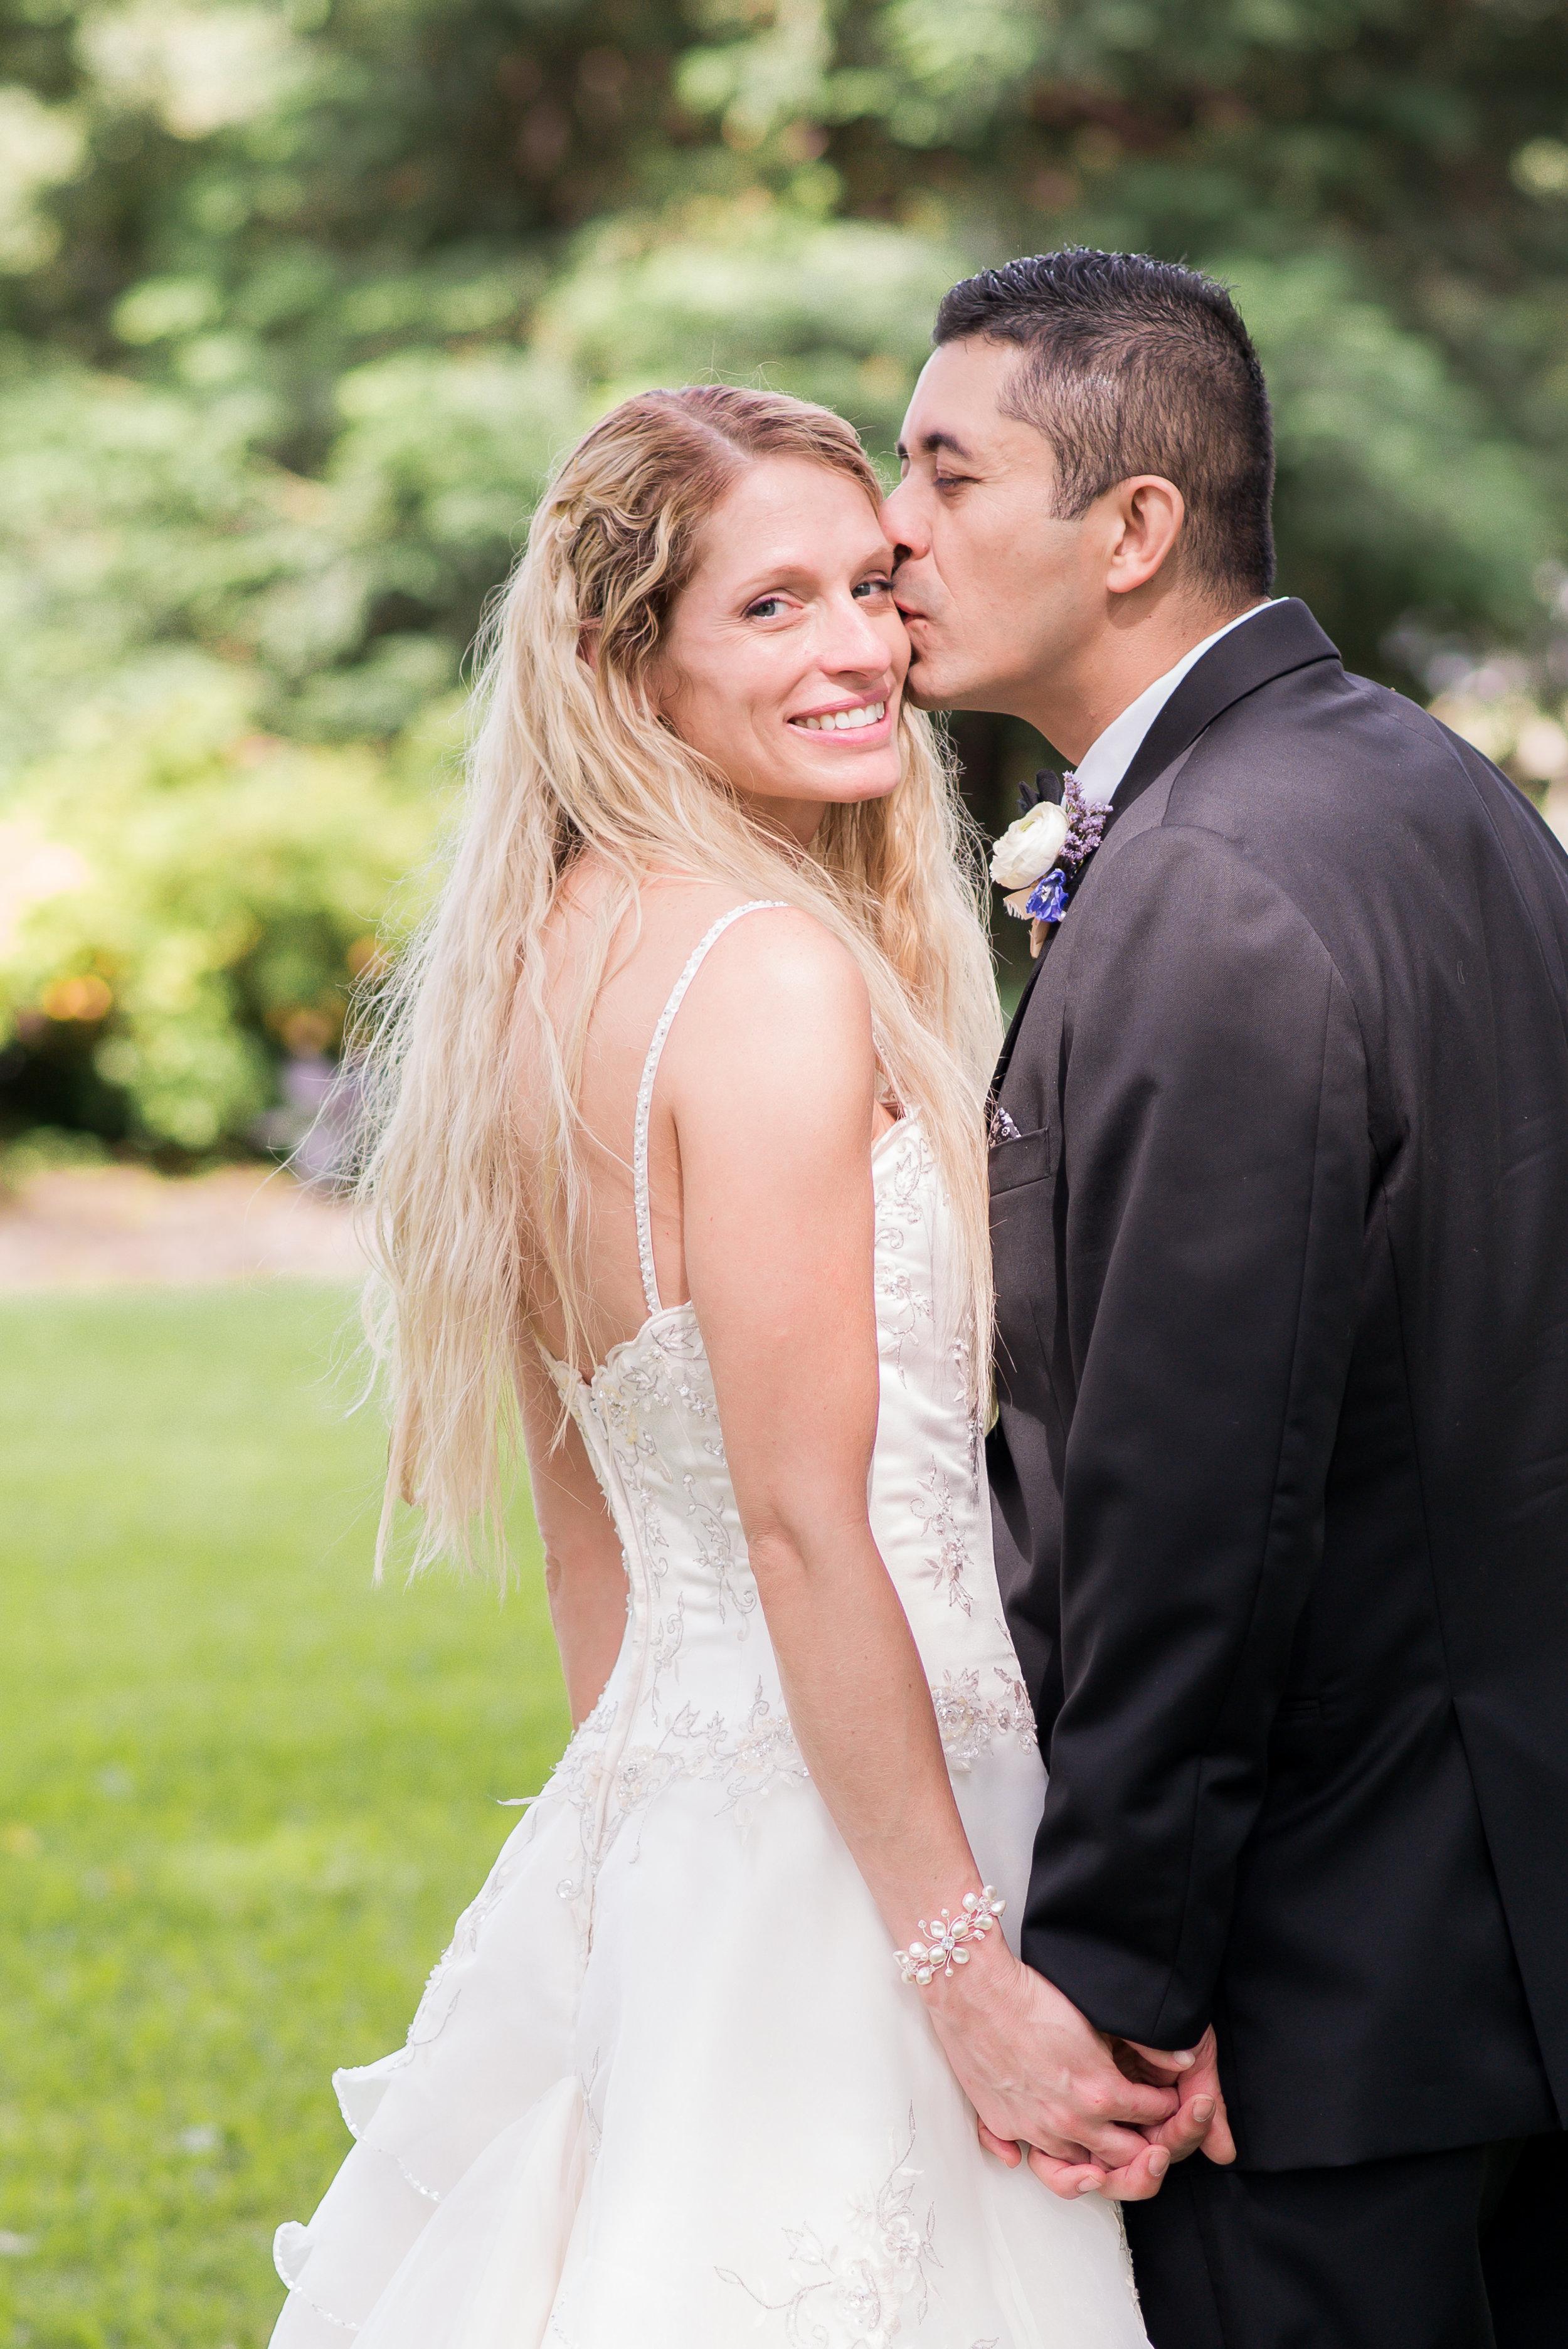 Jen + Jose_Married401 copy.jpg